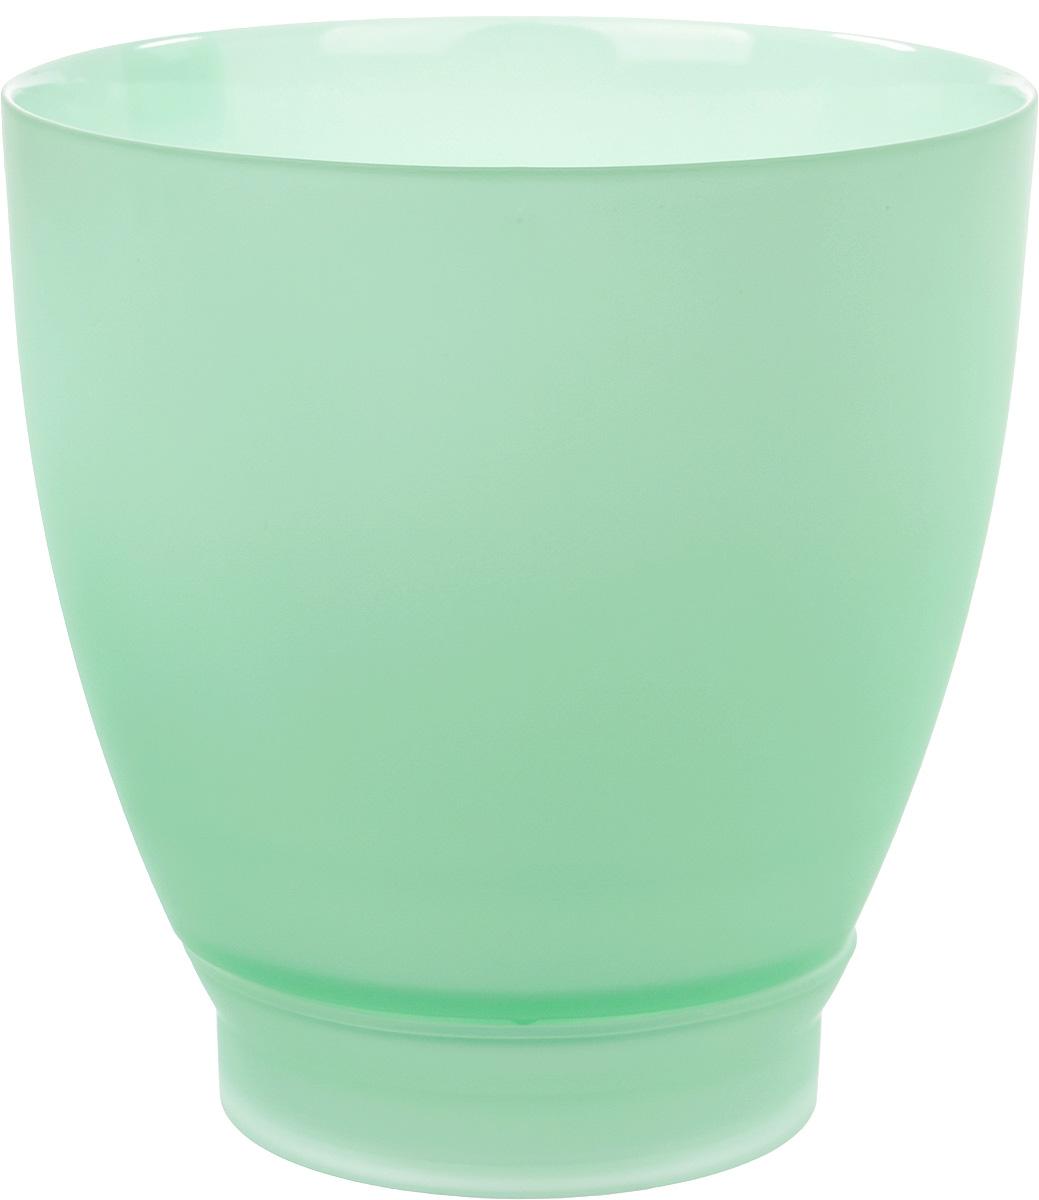 Горшок с поддоном Nina Glass НТ-4, цвет: мята, 2,5 лNG93-227/1MПродукция завода под брендом NinaGlass известна российскому потребителю необычностью форм и оригинальным декорированием. Главным достоинством стеклянных горшков является отсутствие пористости на их внутренней поверхности, что делает безопасной смену растительного состава. Предприятие производит два вида изделий для флористов:- стеклянные цветочные горшки с отверстием в дне для посадки в них цветов и растений и подставкой под горшок в виде блюдца;- кашпо без отверстия для укладки в них пластиковых контейнеров с цветами и растениями.Горшки и кашпо изготавливаются из опалового триплексного (тройного) стекла с различными видами декорирования водо- и износостойкими красками. Возможна окраска изделий изнутри. Матовая поверхность и окраска изнутри создают объемный эффект, а сами цвета очень мягкие и приятные. Также интересны и формы изделий, выполненные методом центробежного формования: - горшки НТ - современная модель горшка с поддоном, которые смотрятся как единое целое и обладают устойчивым широким дном;- кашпо НТ - глубокие, с небольшим радиусом выпуклости, хорошим широким дном. Кашпо-подсвечники в форме куба можно считать дополнительной опцией: вы можете оформить интерьер не только оригинальными горшками и кашпо, но также весьма привлекательными подсвечниками.Доступны 5 размеров горшков и кашпо и 3 размера кашпо-кубов. Продукция TM NinaGlass безопасна, функциональна, прочна и уникальна. Горшки и кашпо способны создать неповторимое настроение и стать центром интерьера в любом помещении.